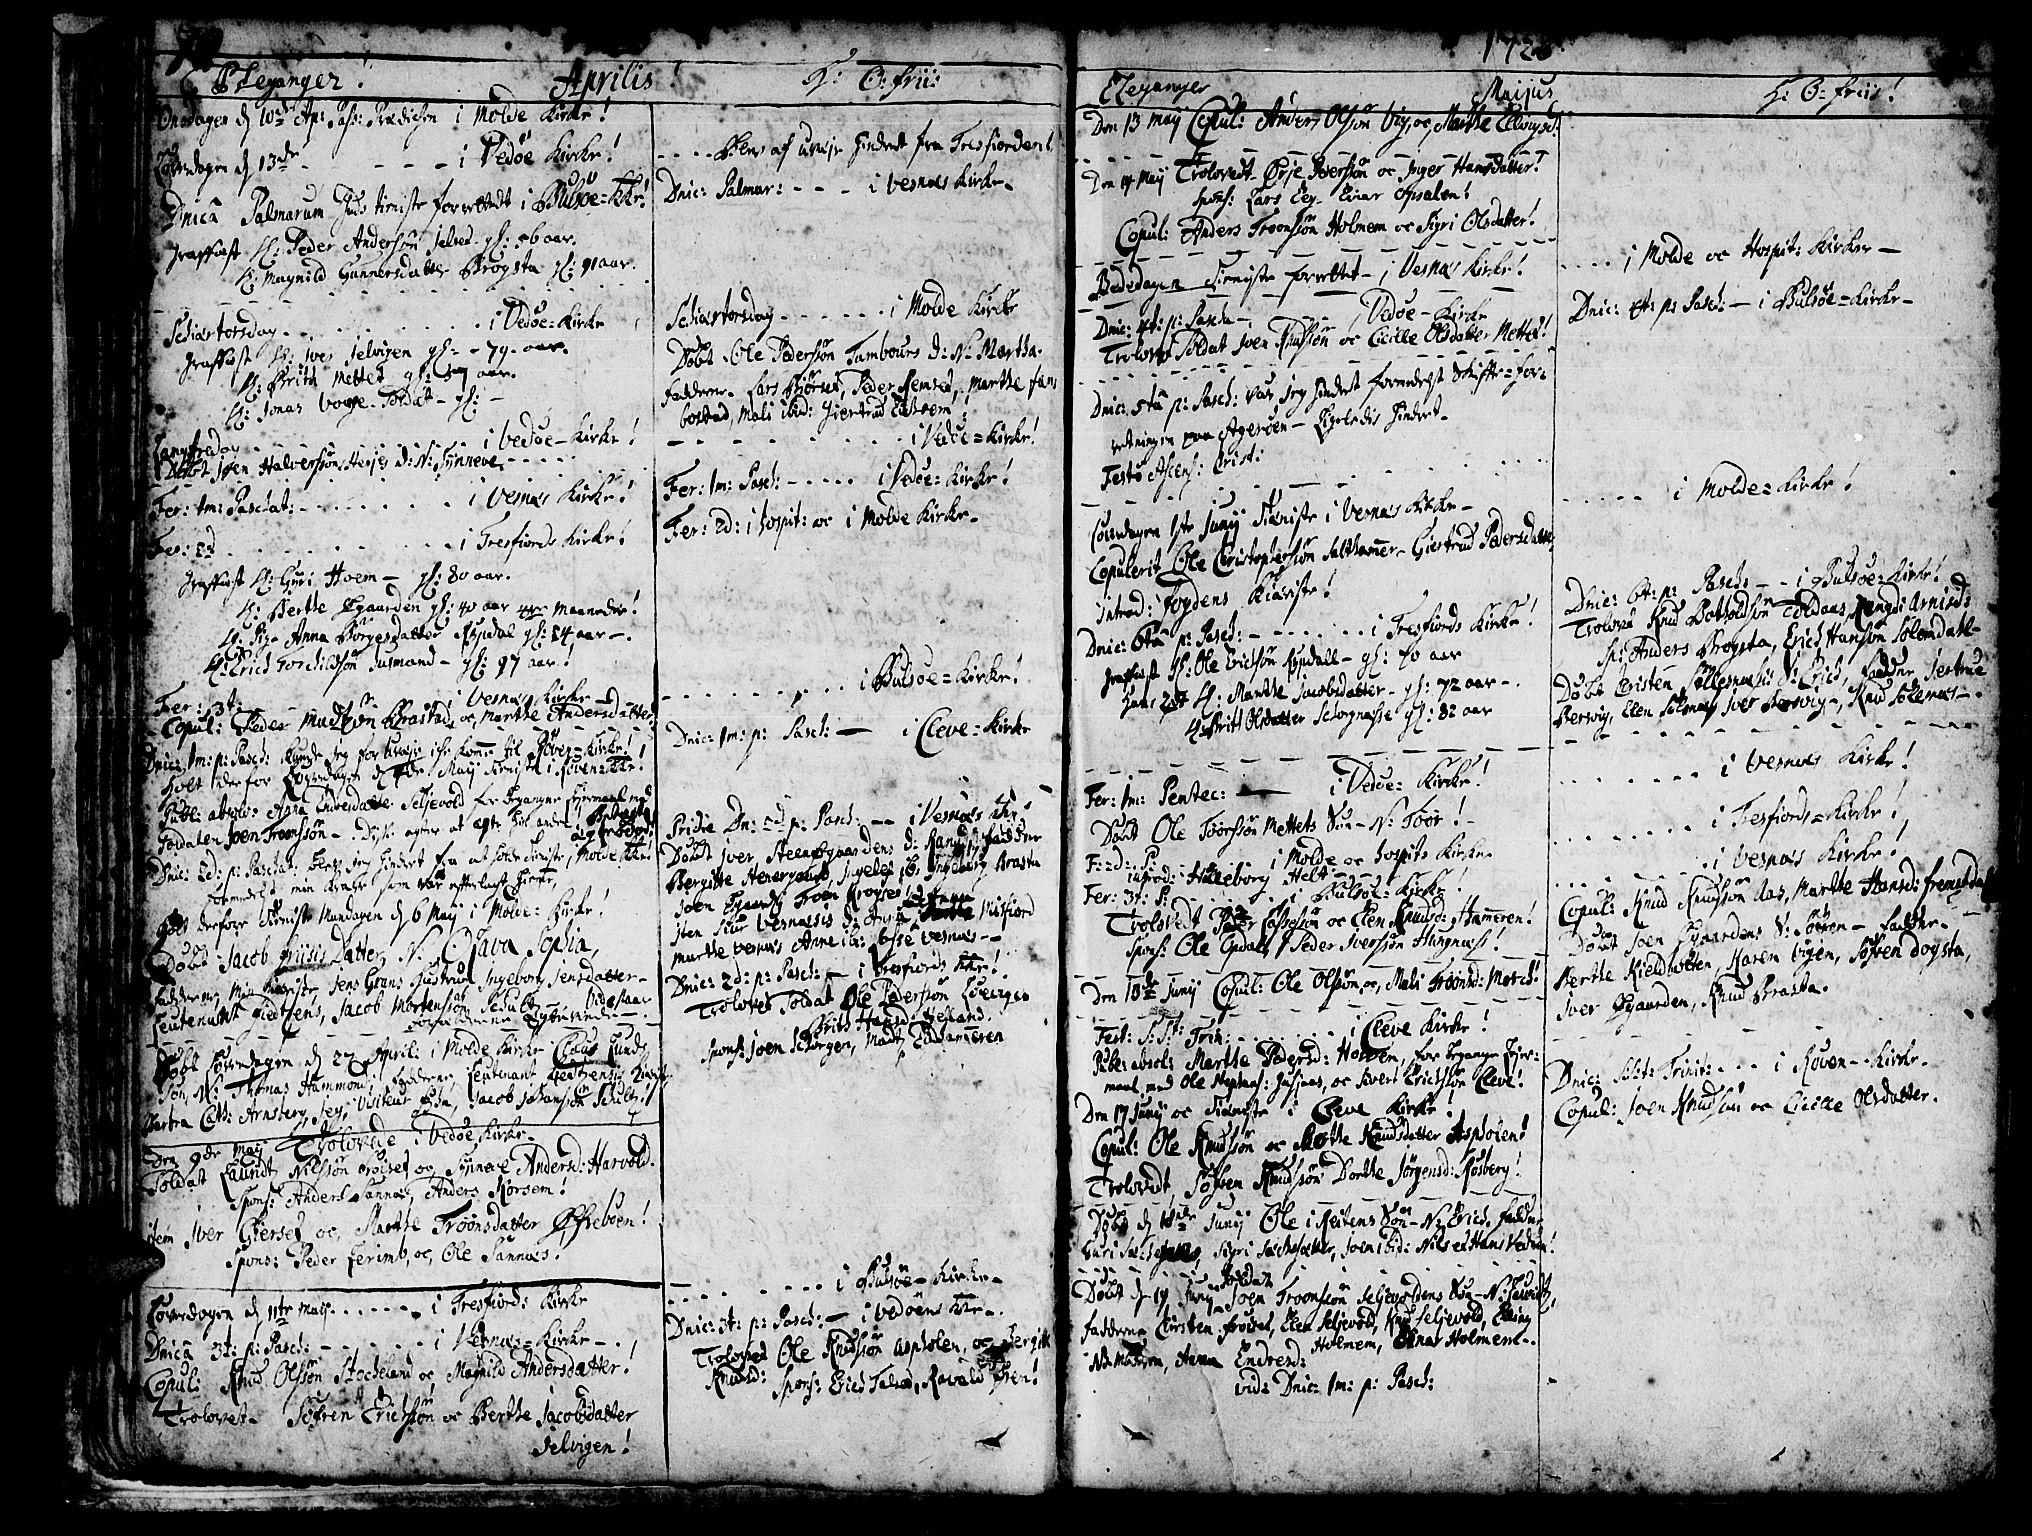 SAT, Ministerialprotokoller, klokkerbøker og fødselsregistre - Møre og Romsdal, 547/L0599: Parish register (official) no. 547A01, 1721-1764, p. 72-73